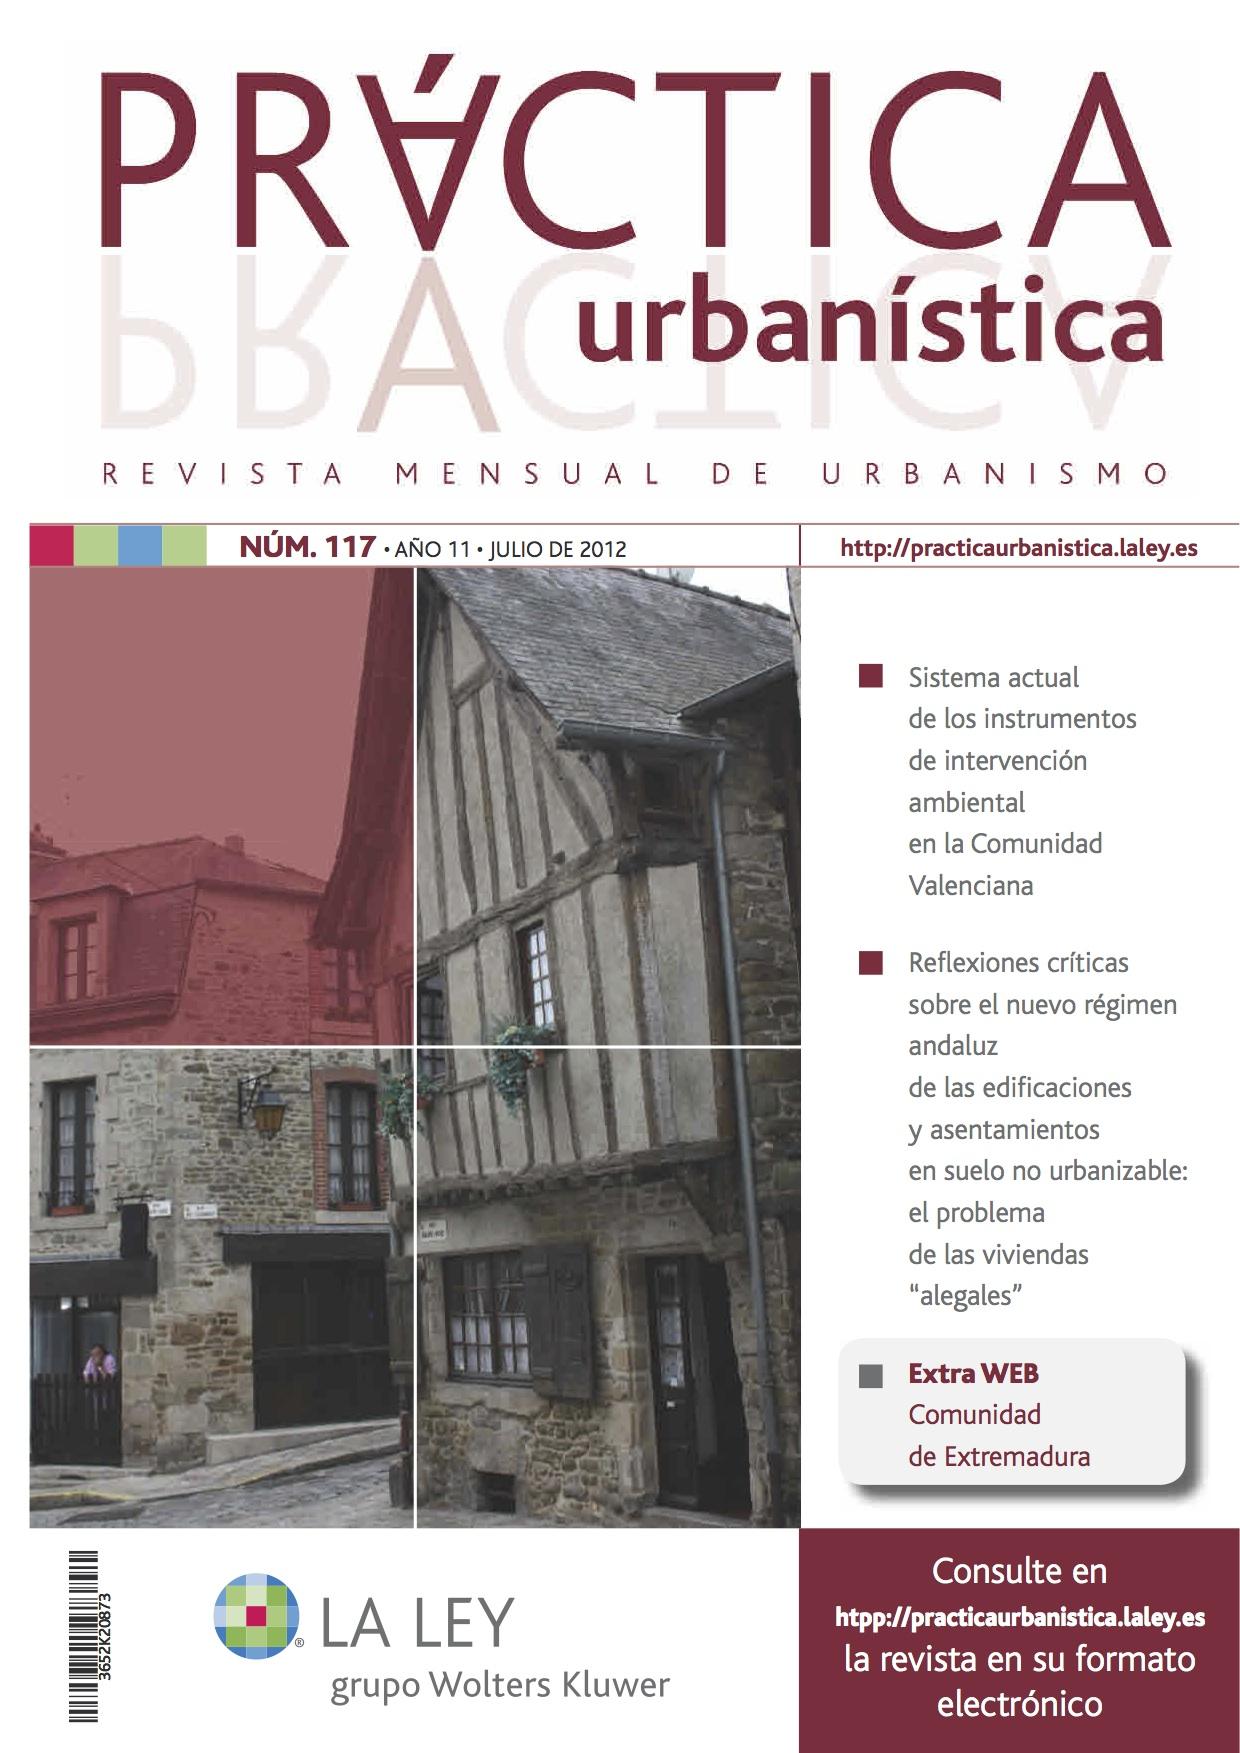 Revista de urbanismo revista pr ctica urban stica for Suelo no urbanizable